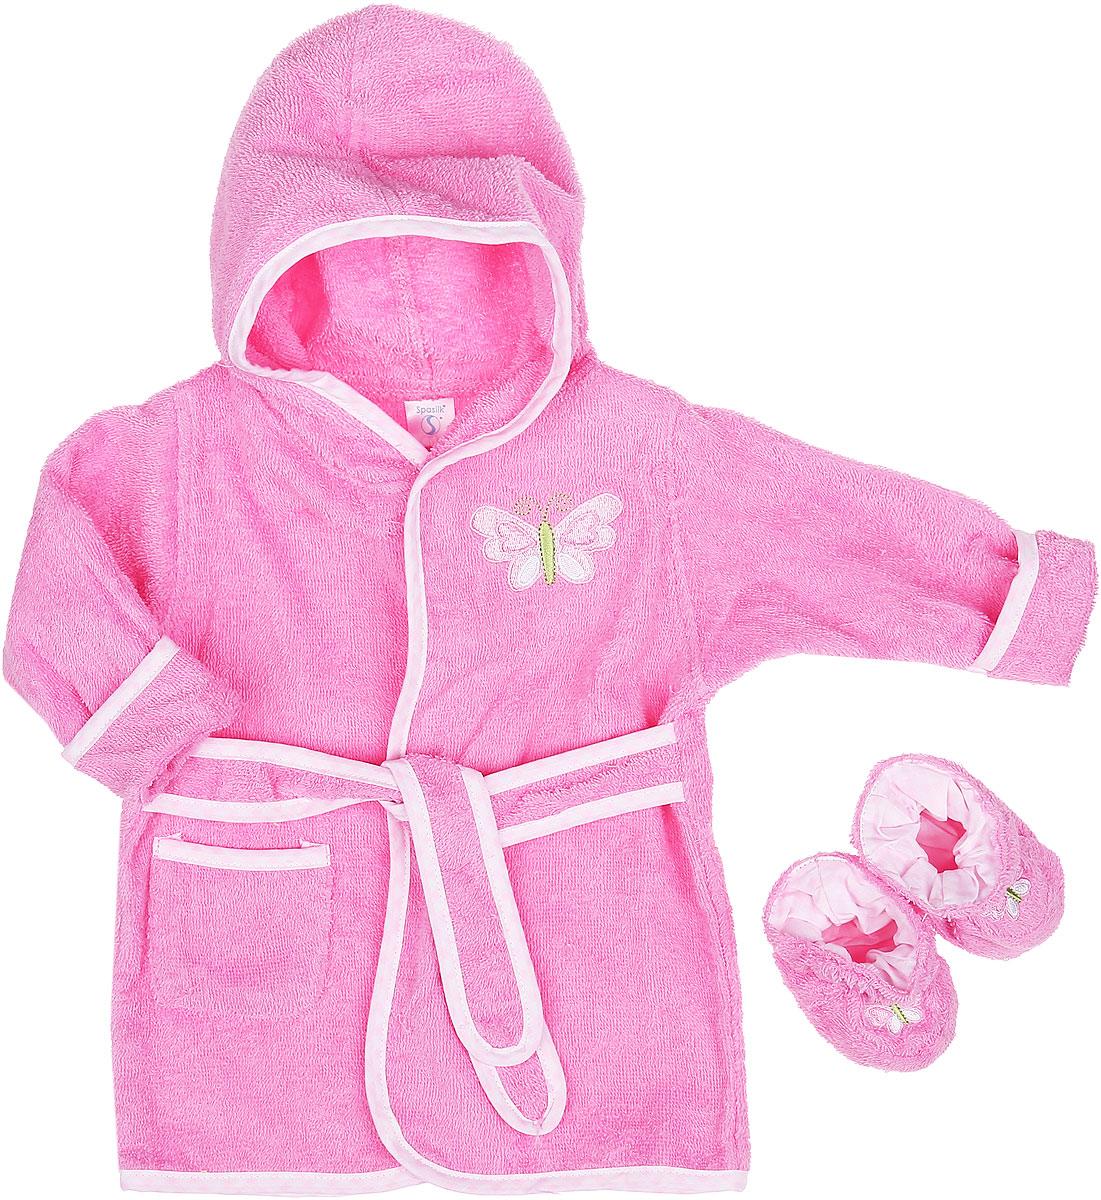 Комплект для девочки Spasilk Бабочка: халат, пинетки, цвет: розовый. BR BFLY. Размер 0/9 месяцев spasilk spasilk комплект одежды боди с коротким рукавом 4 шт голубой белый